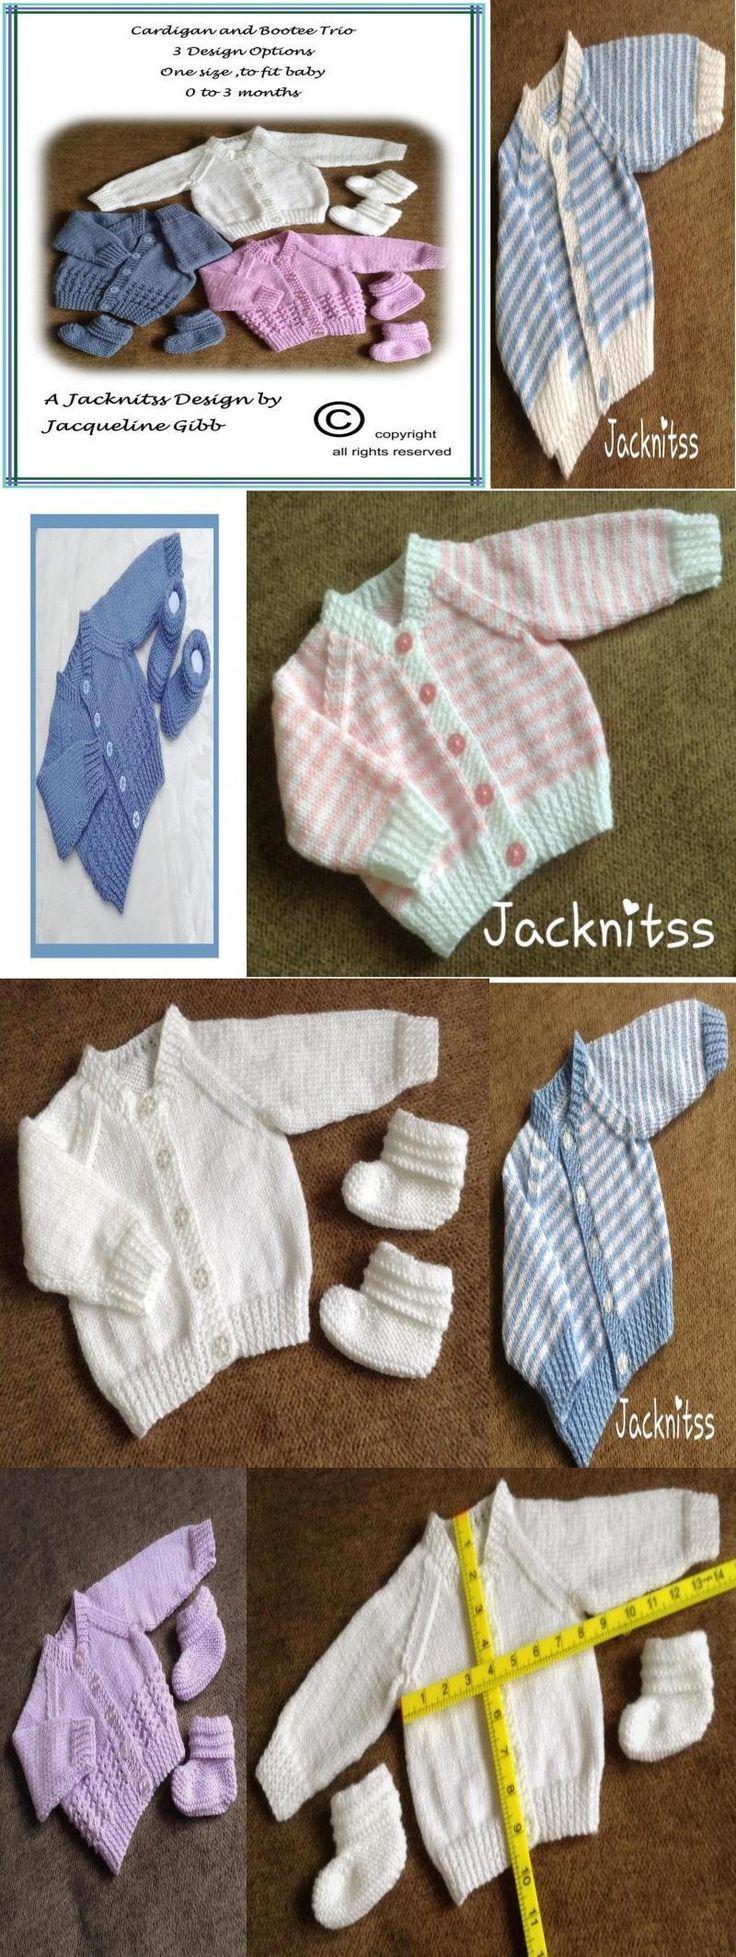 Photo of Basic New Baby Cardigan set Knitting pattern by Jacqueline Gibb #Basic #New #Bab… ,  #Bab #…